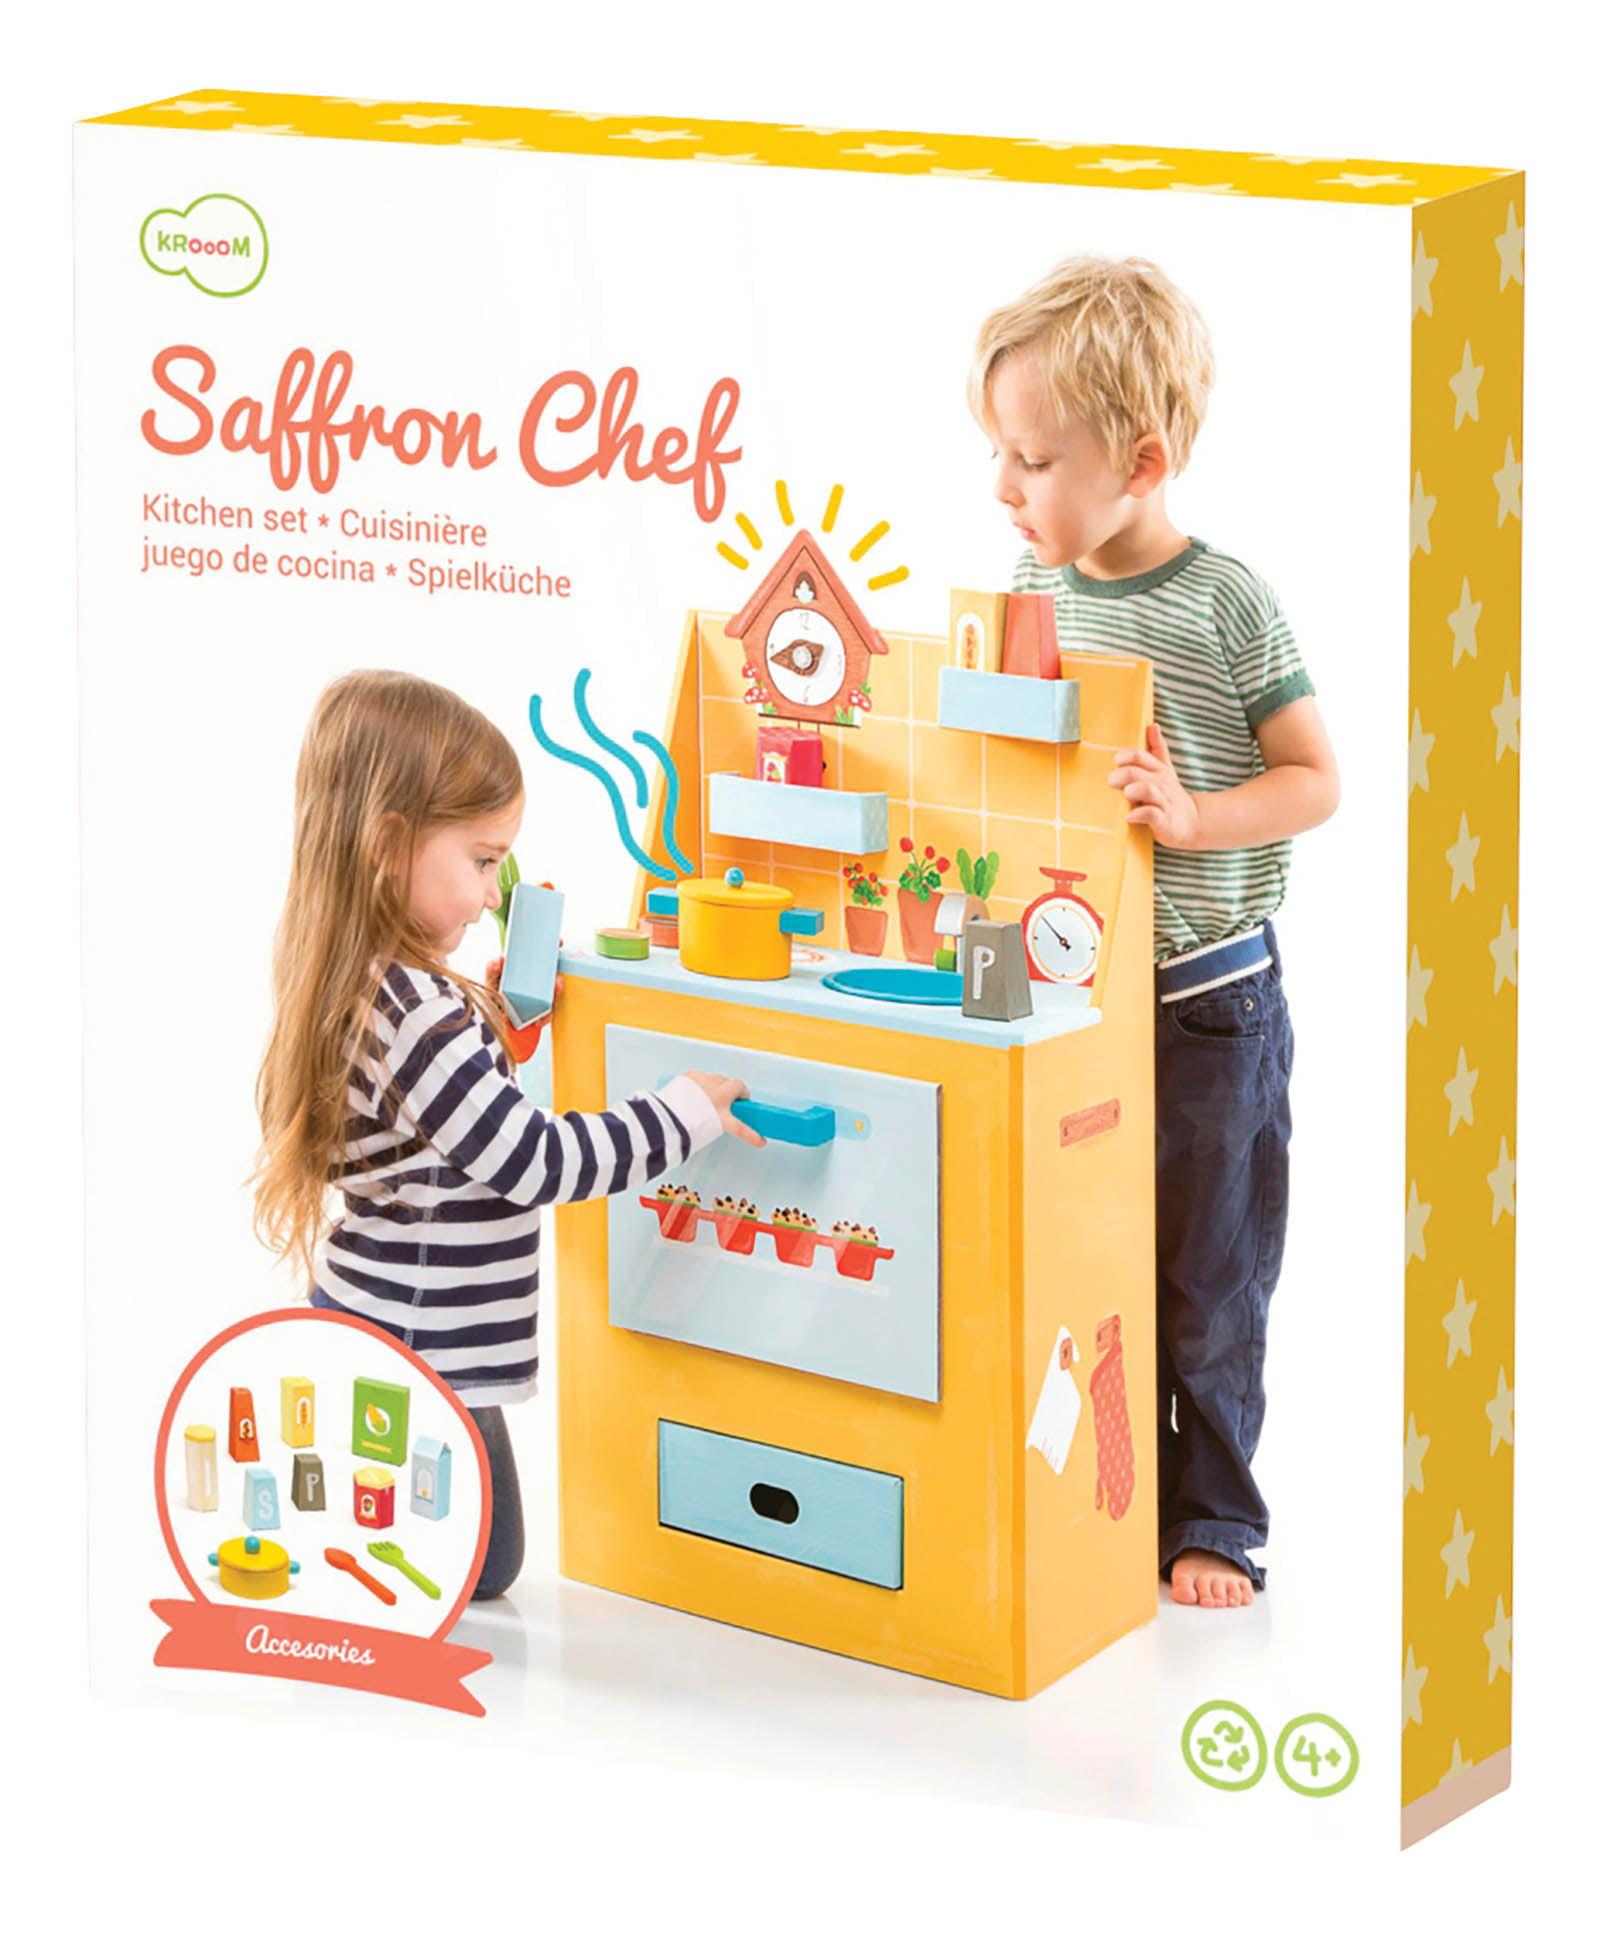 Krooom Saffron Chef Kitchen Playset - Walmart.com